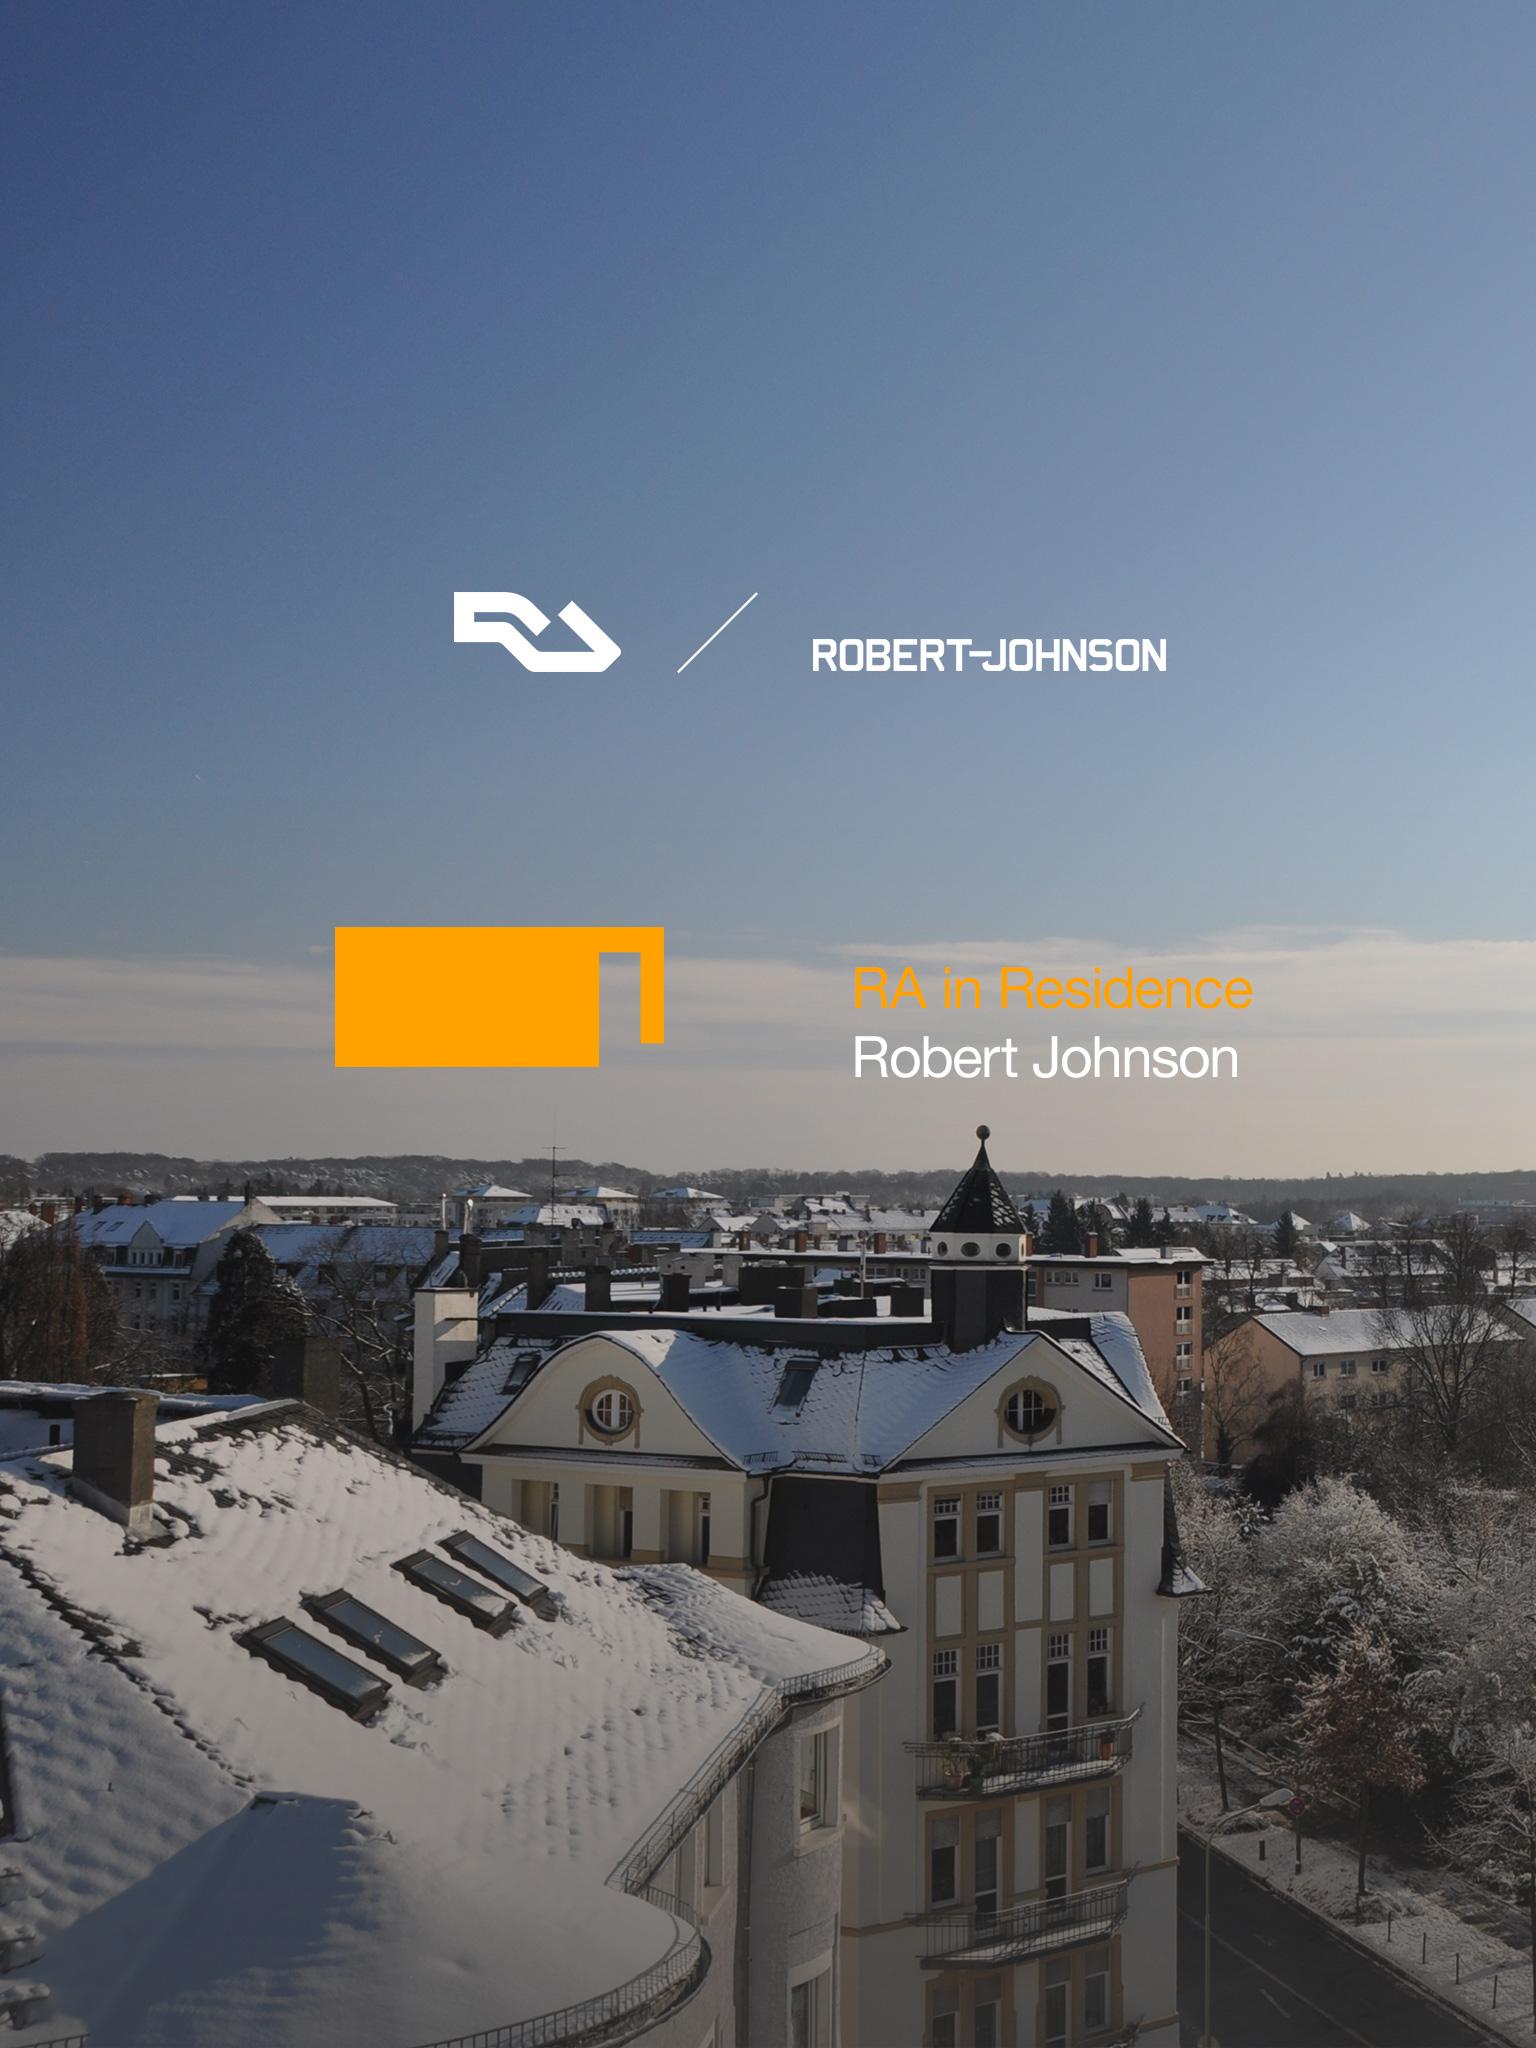 RA In Residence: Robert Johnson